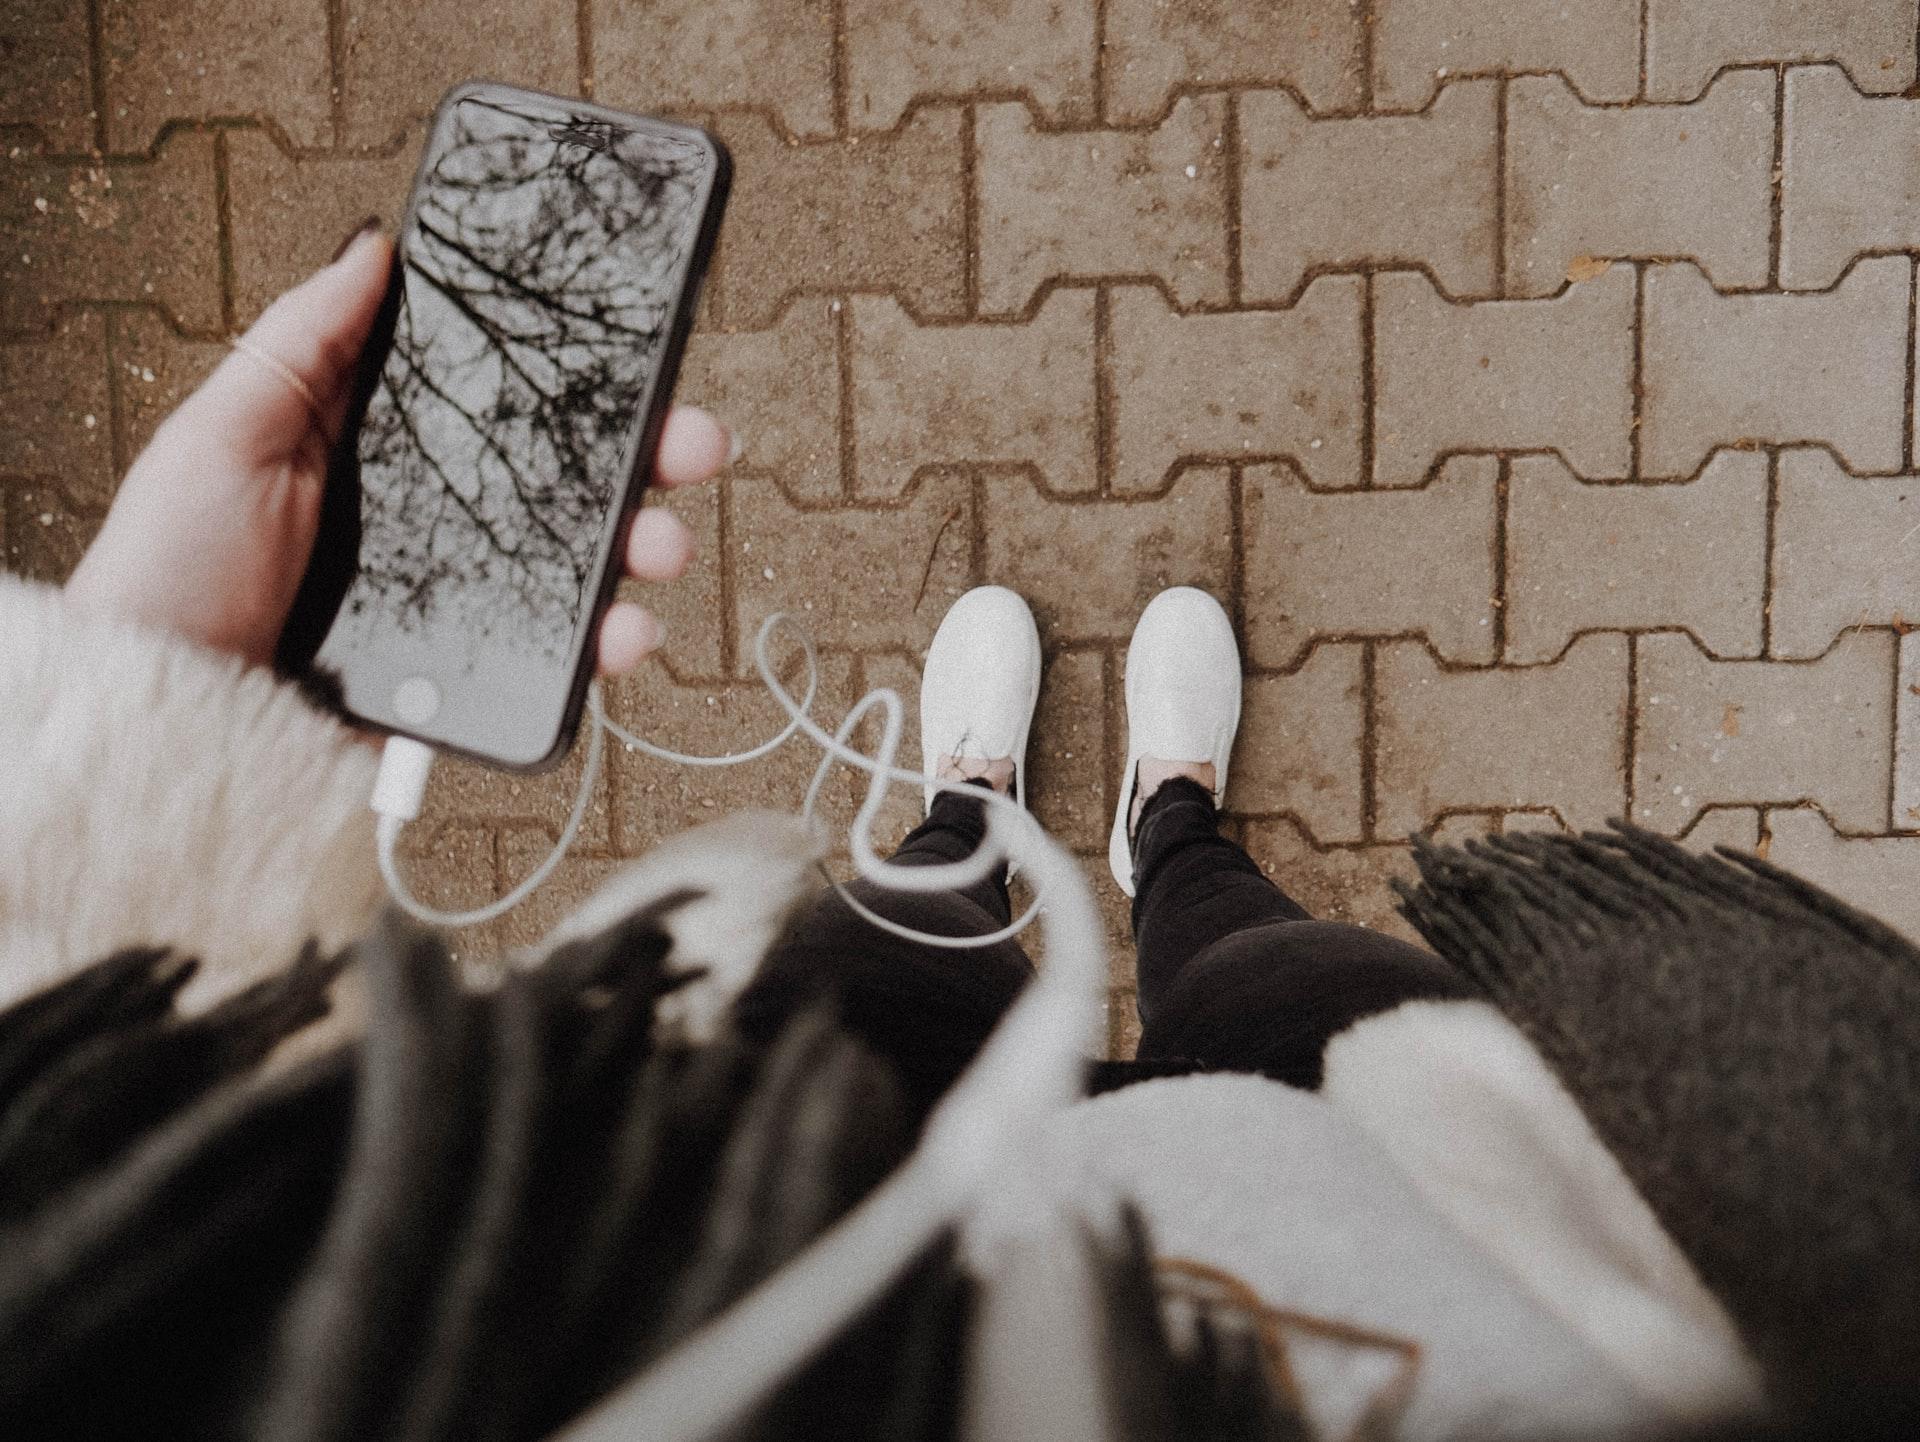 Для прослушивания подкастов нужен только телефон